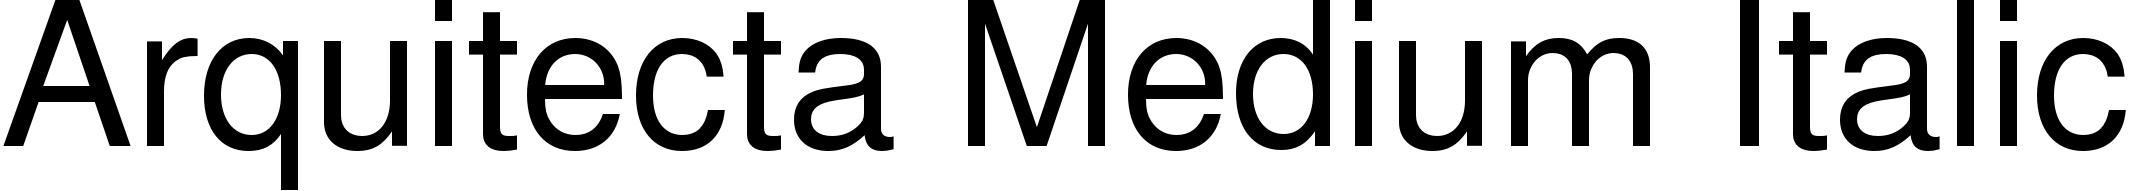 Arquitecta Medium Italic